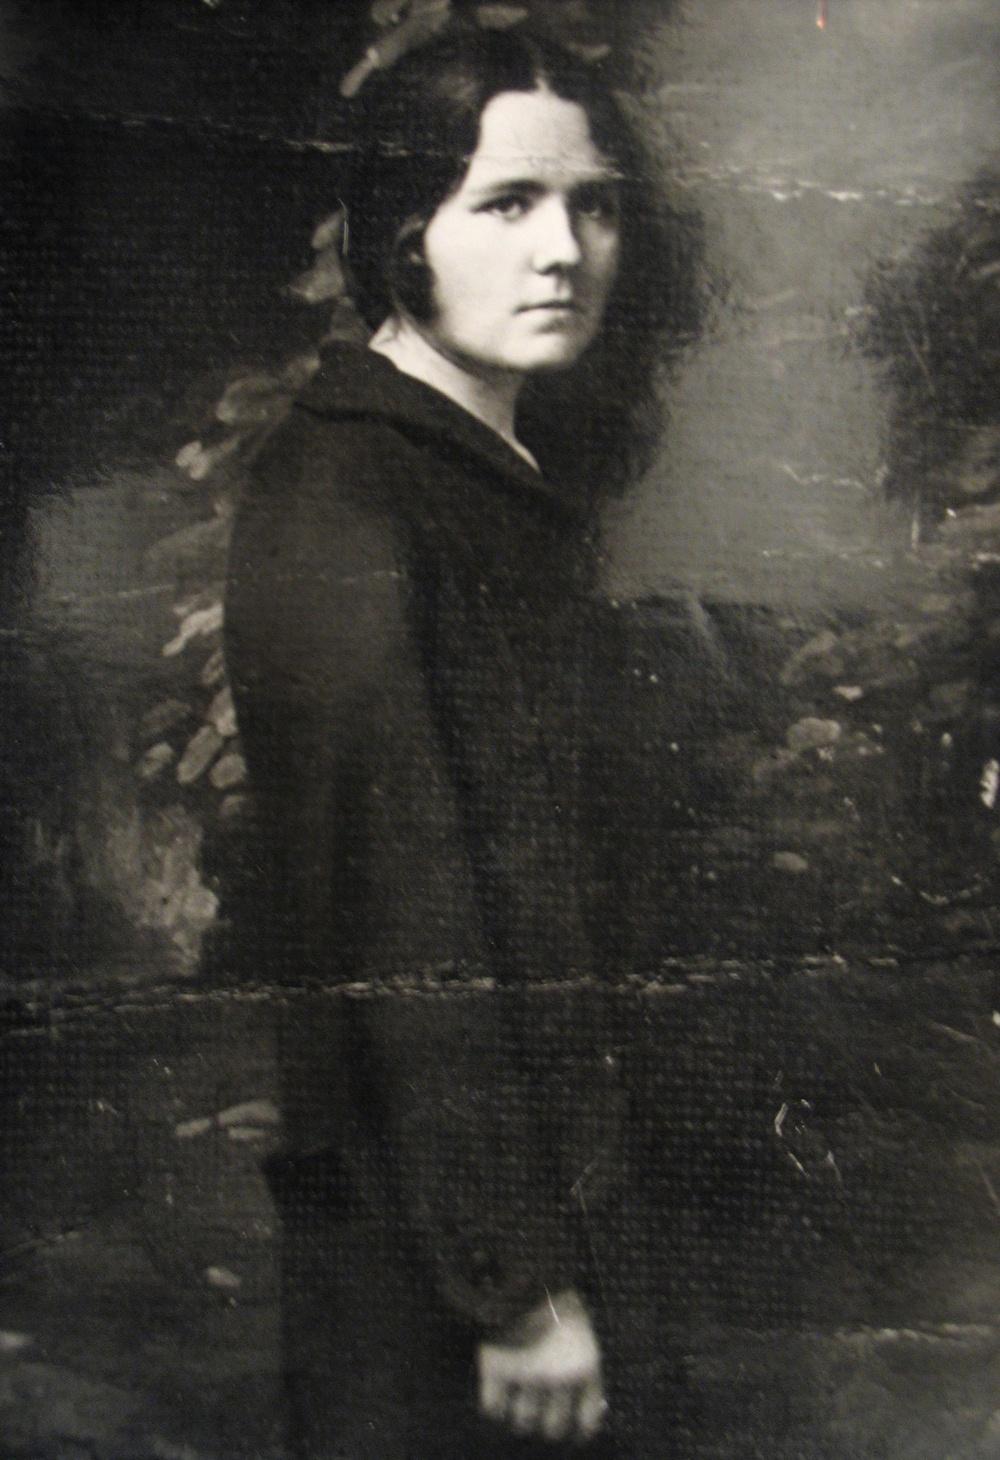 Анастасия Мельникова, фото 1930-х гг.